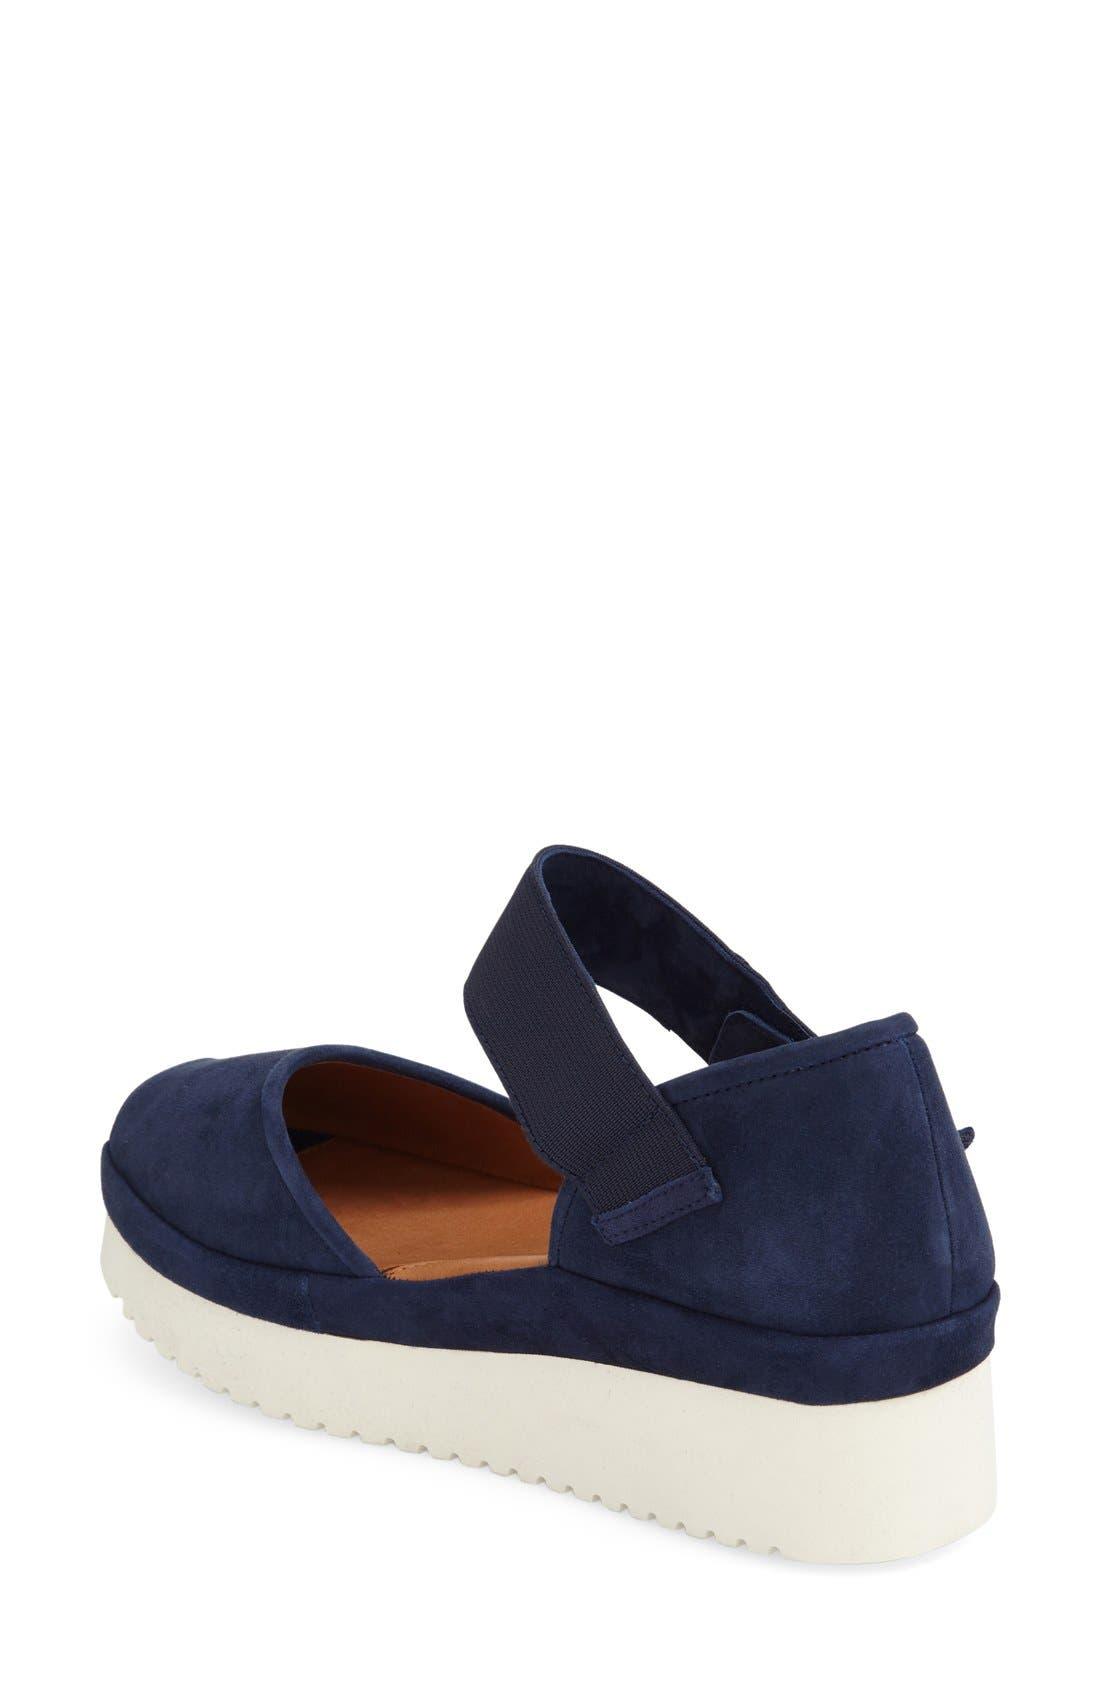 'Amadour' Platform Sandal,                             Alternate thumbnail 22, color,